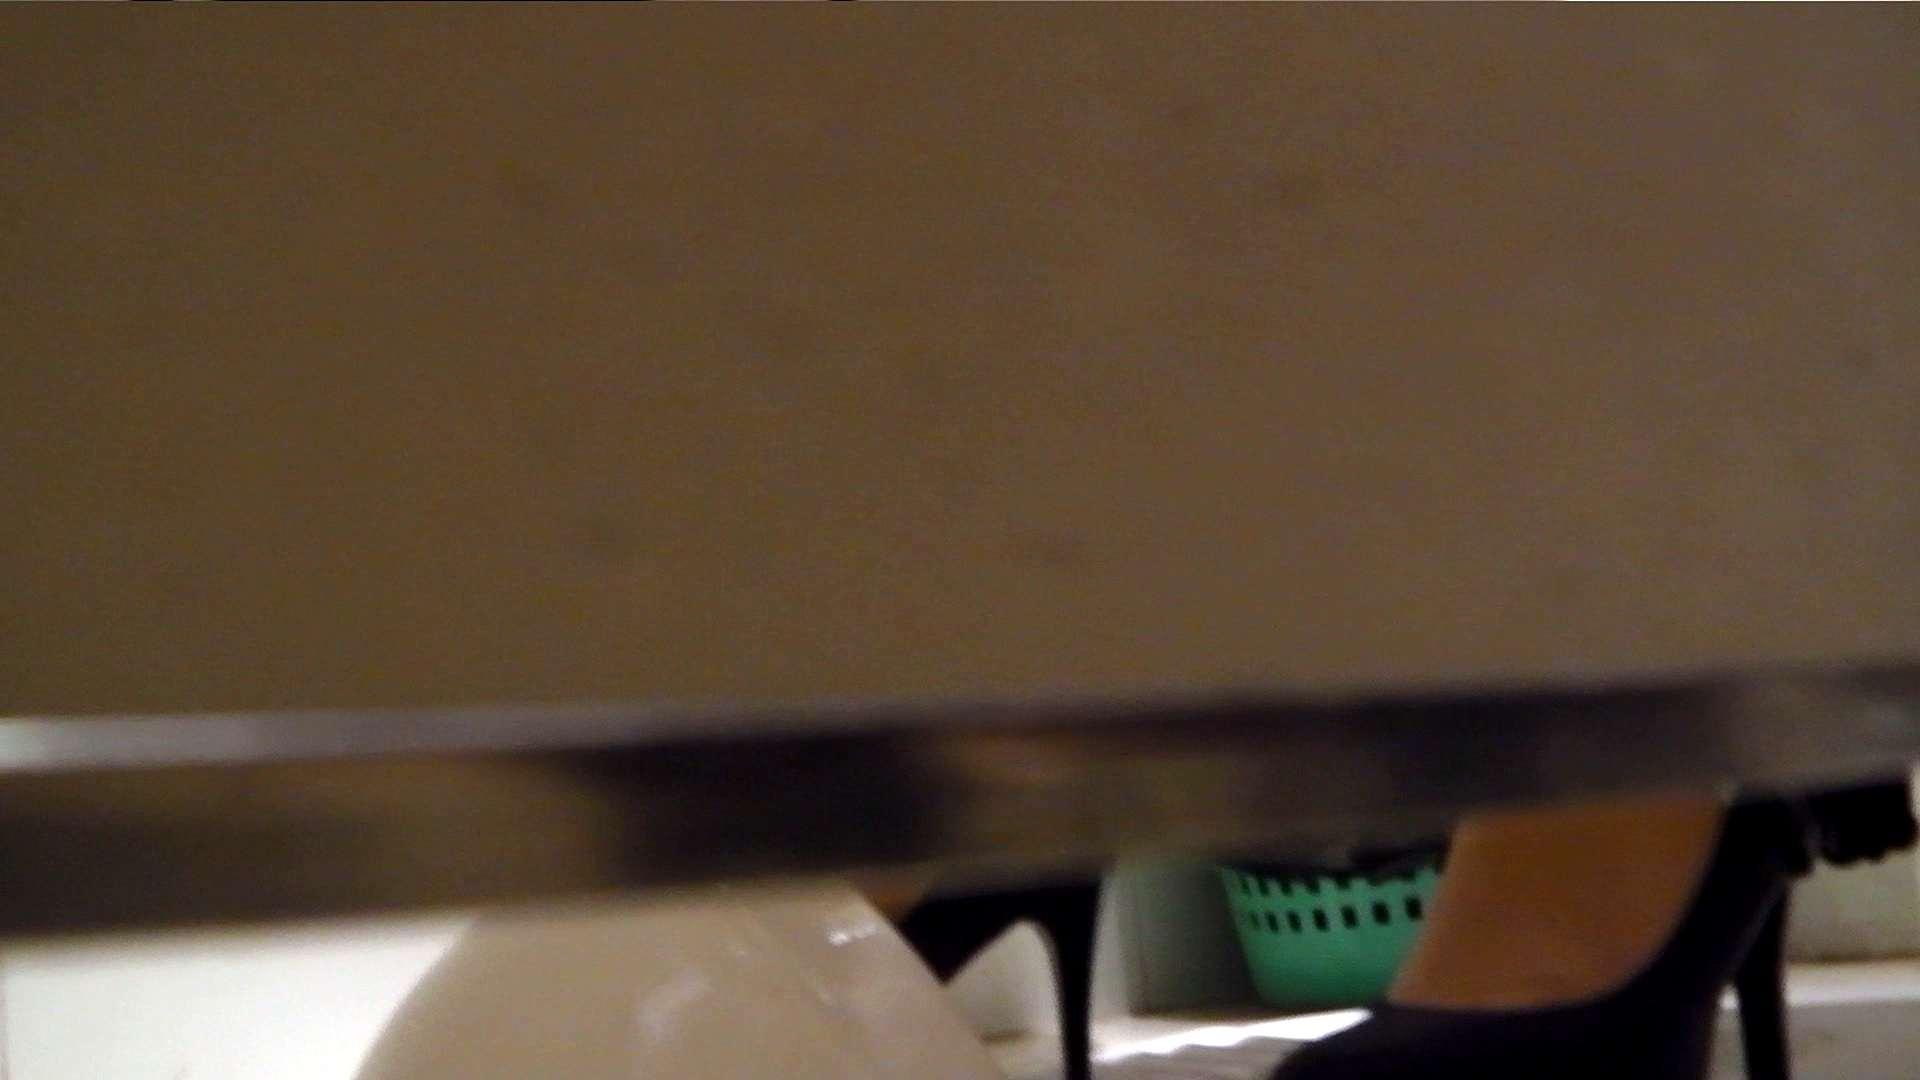 洗寿観音さんの 化粧室は四面楚歌Nol.3 洗面所 | OLのボディ  51PIX 33